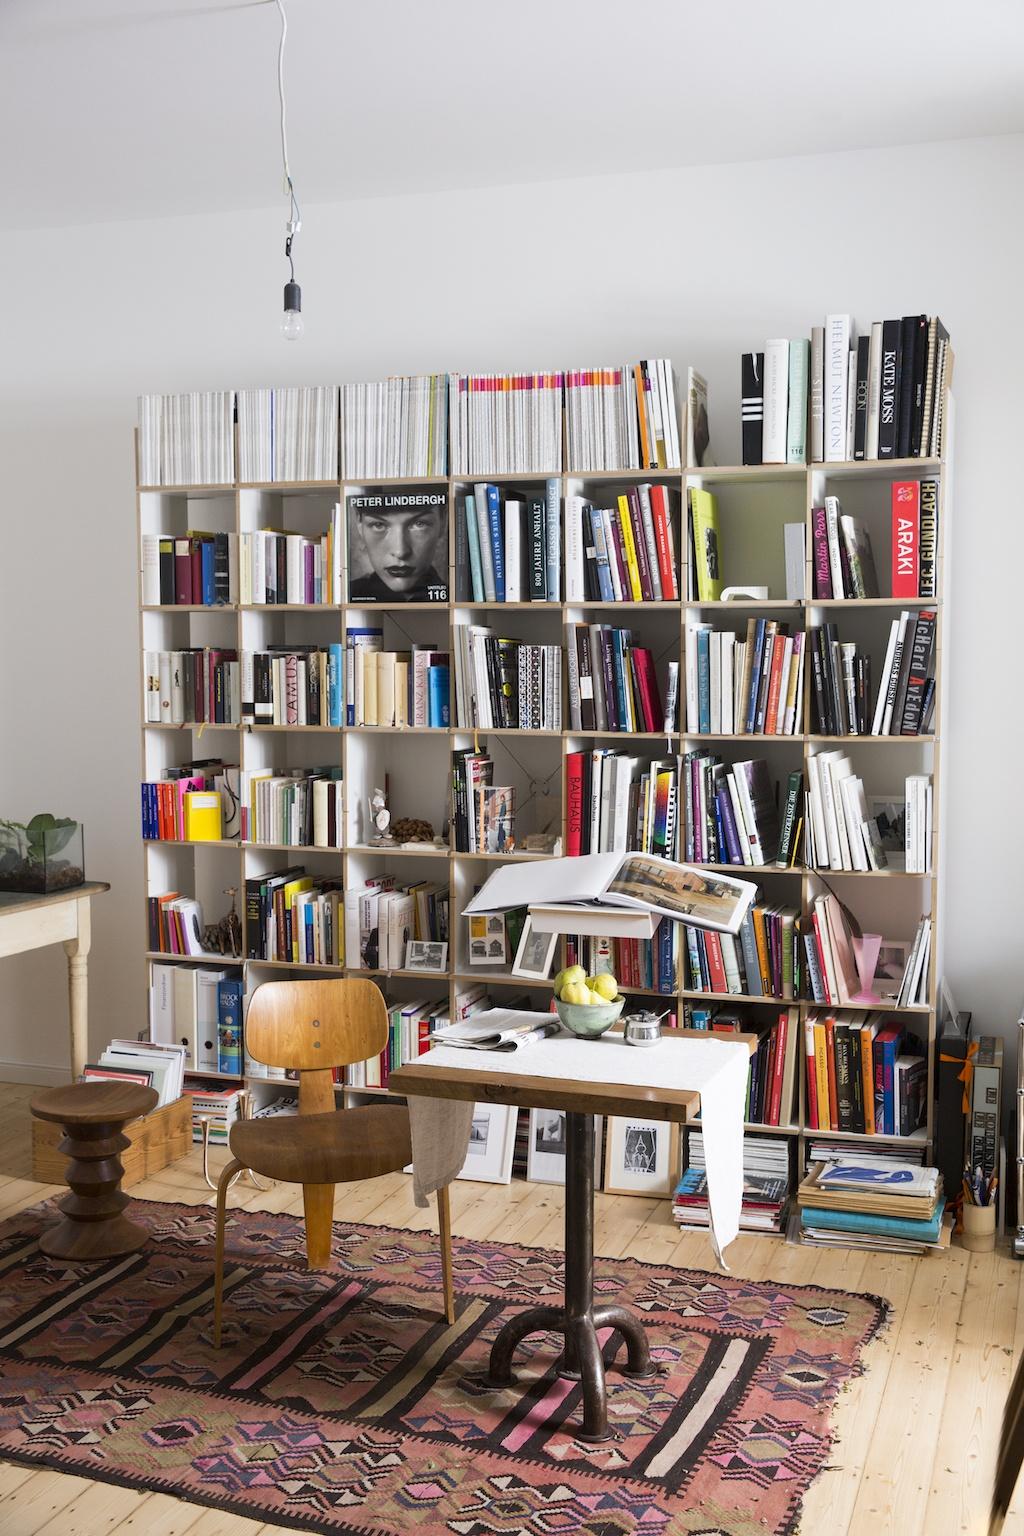 Das Bücherregal FNP von Moormann lässt sich innerhalb von 15 Minuten zu zweit aufbauen